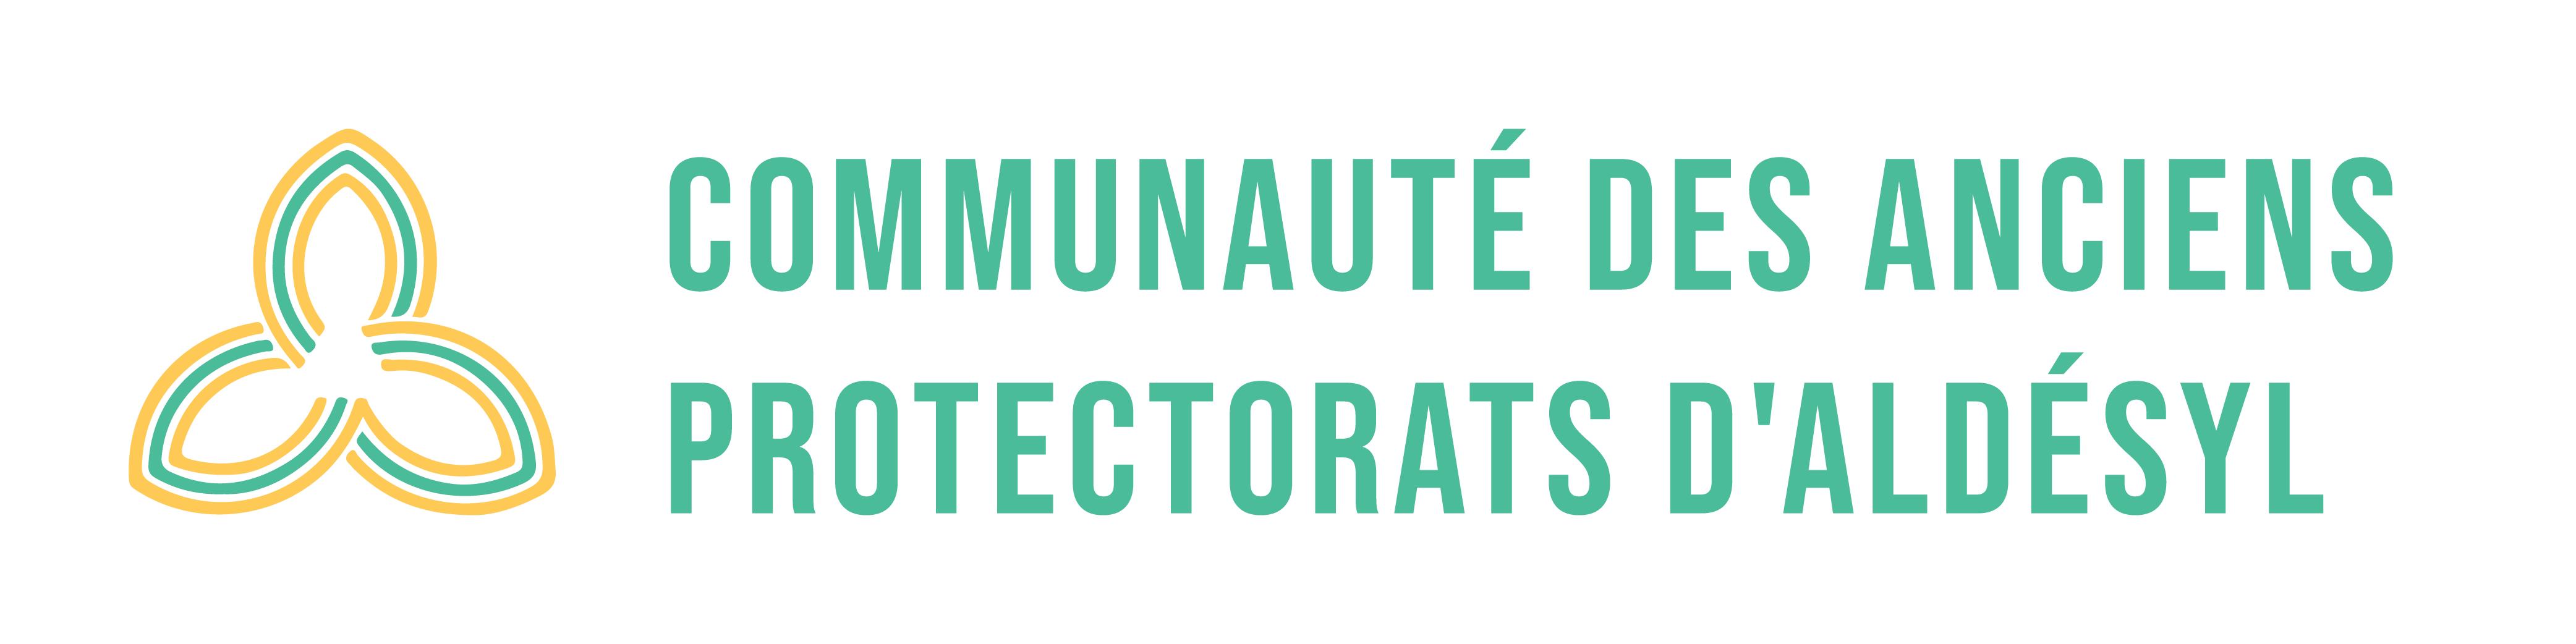 Communauté des Anciens Protectorats d'Aldésyl Logotype_Communaut%C3%A9